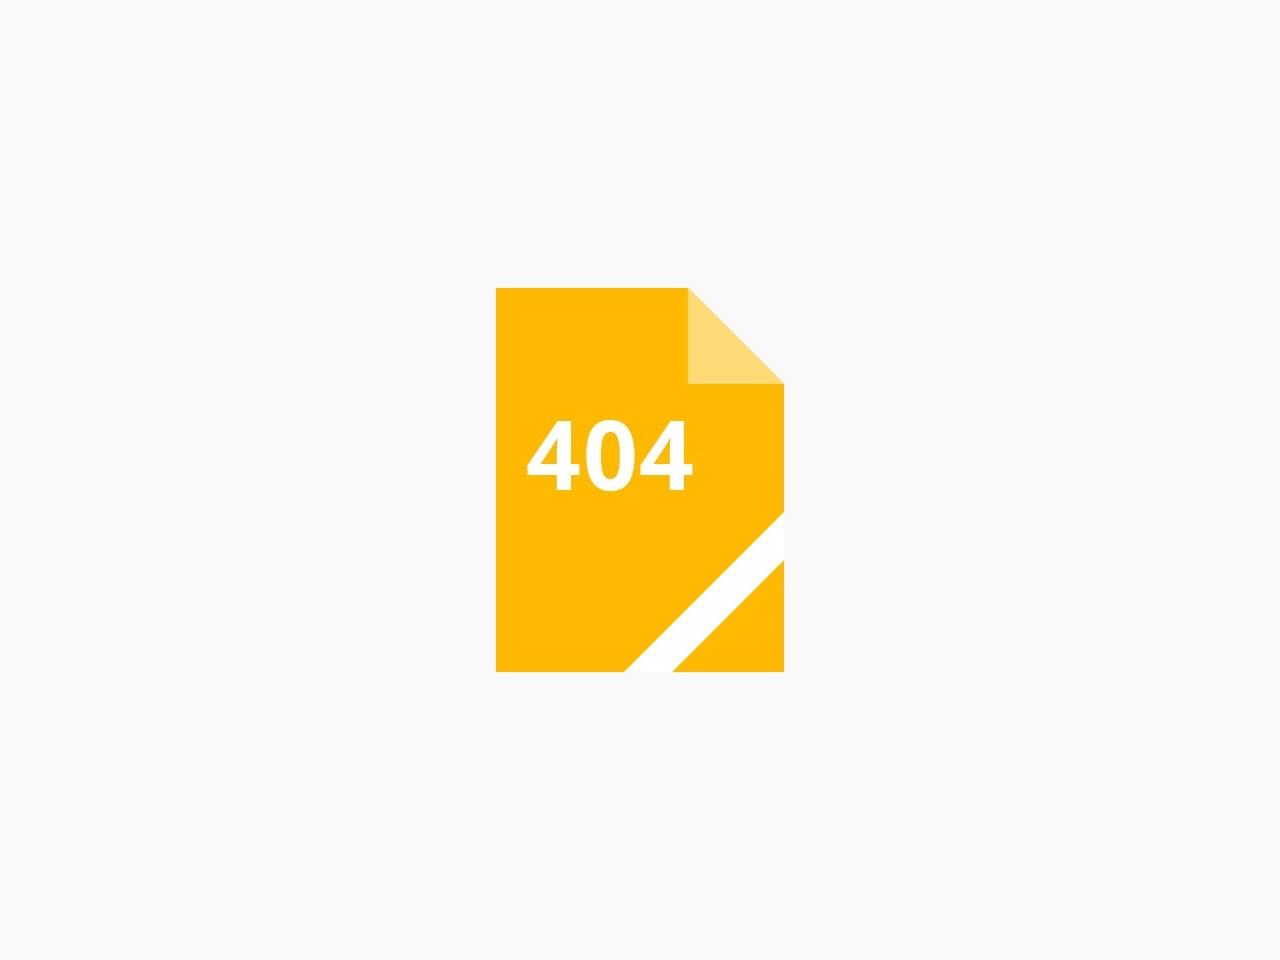 株式会社九堂興業事業所